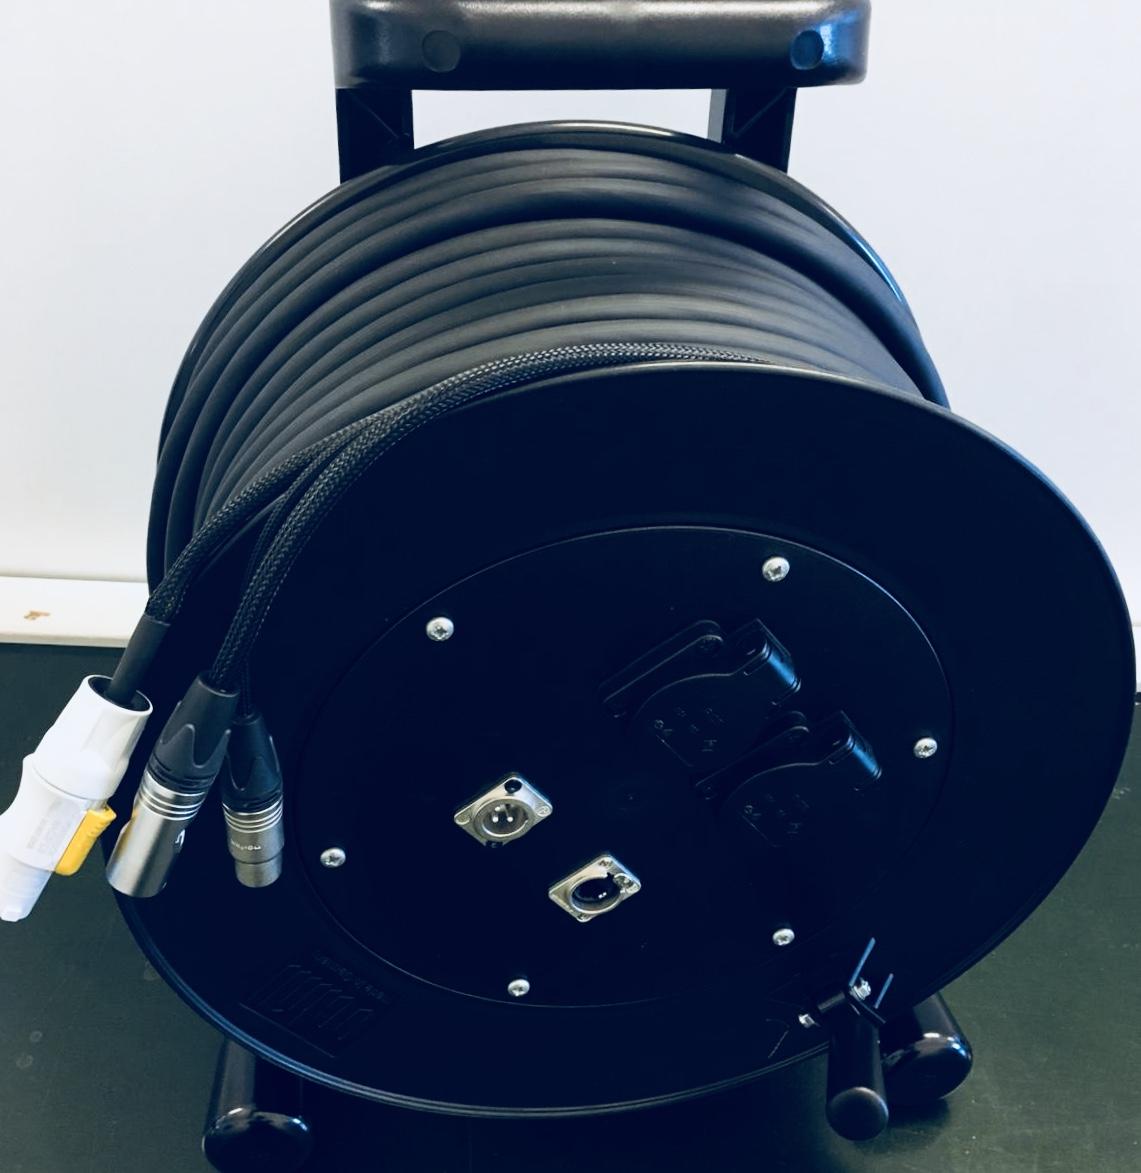 DMX/Digitaal  3 polig en  Stroom kabel  C283soft op Schill Haspel